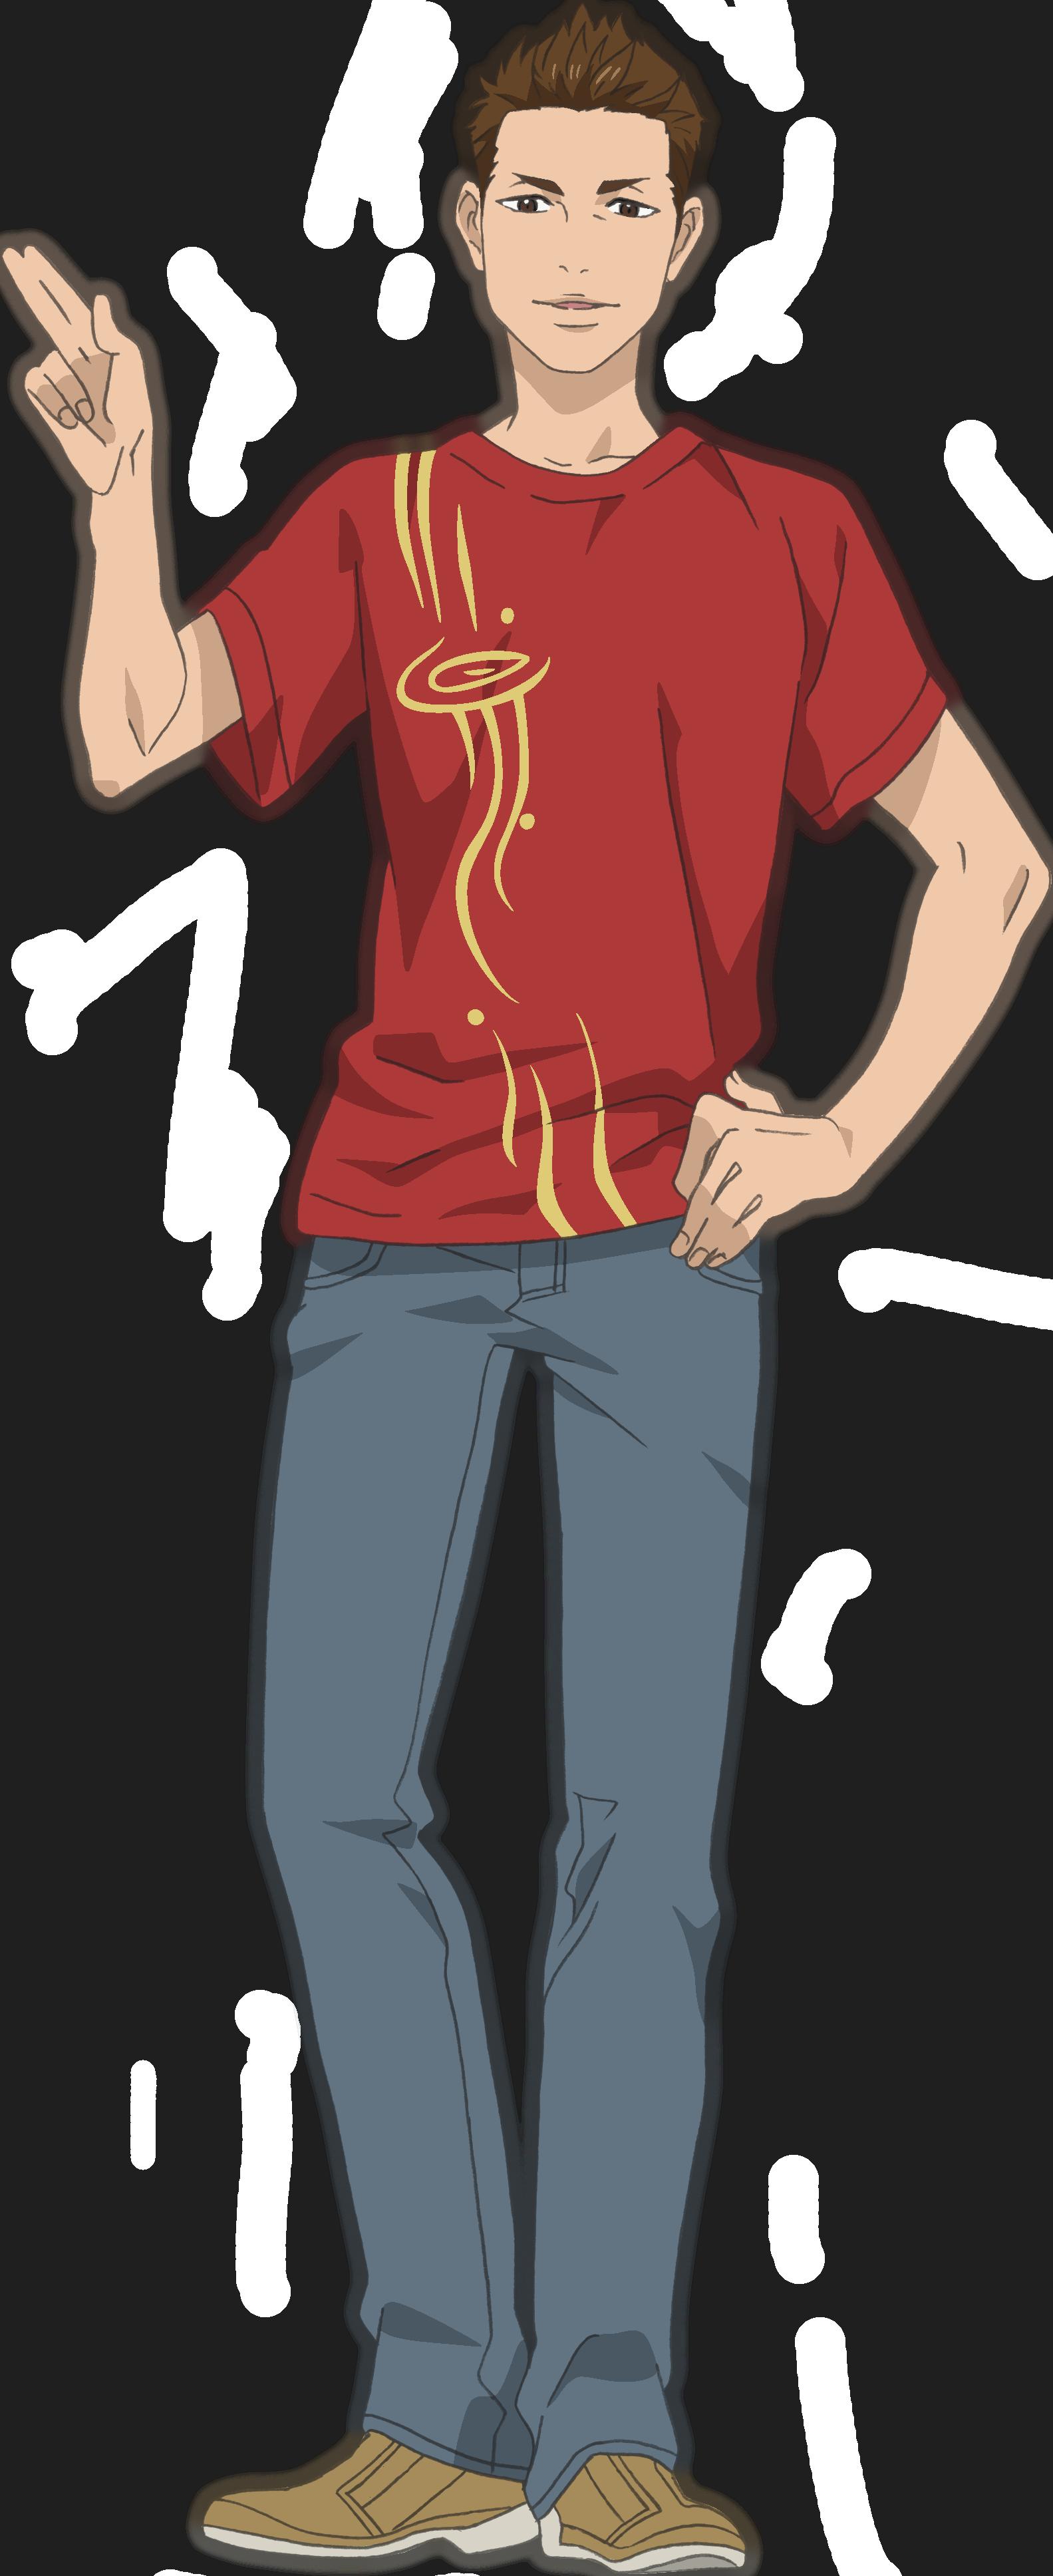 TVアニメ「ましろのおと」荒川潮